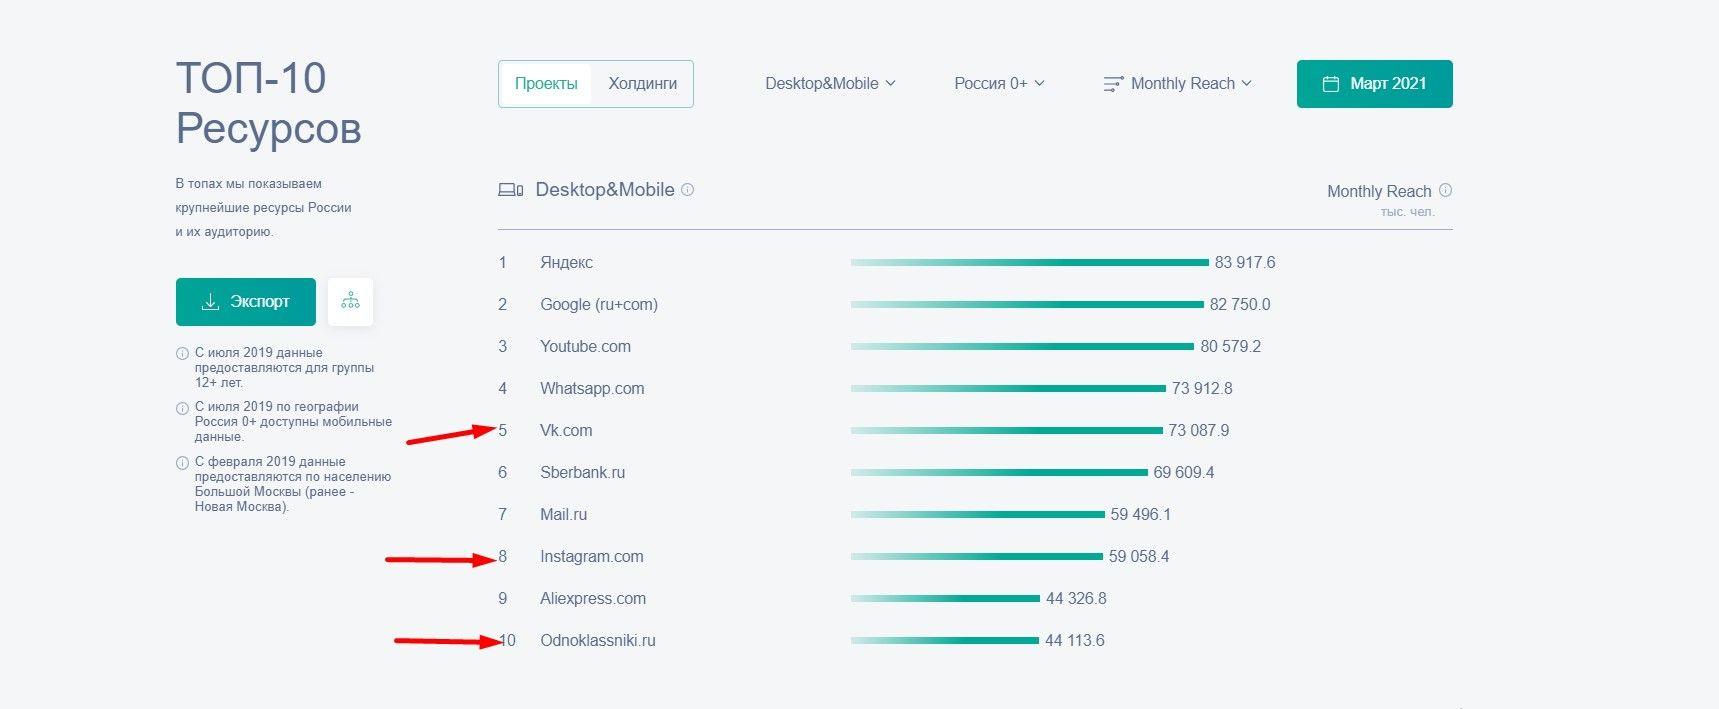 ВК, Инстаграм и Одноклассники – в топе по посещаемости